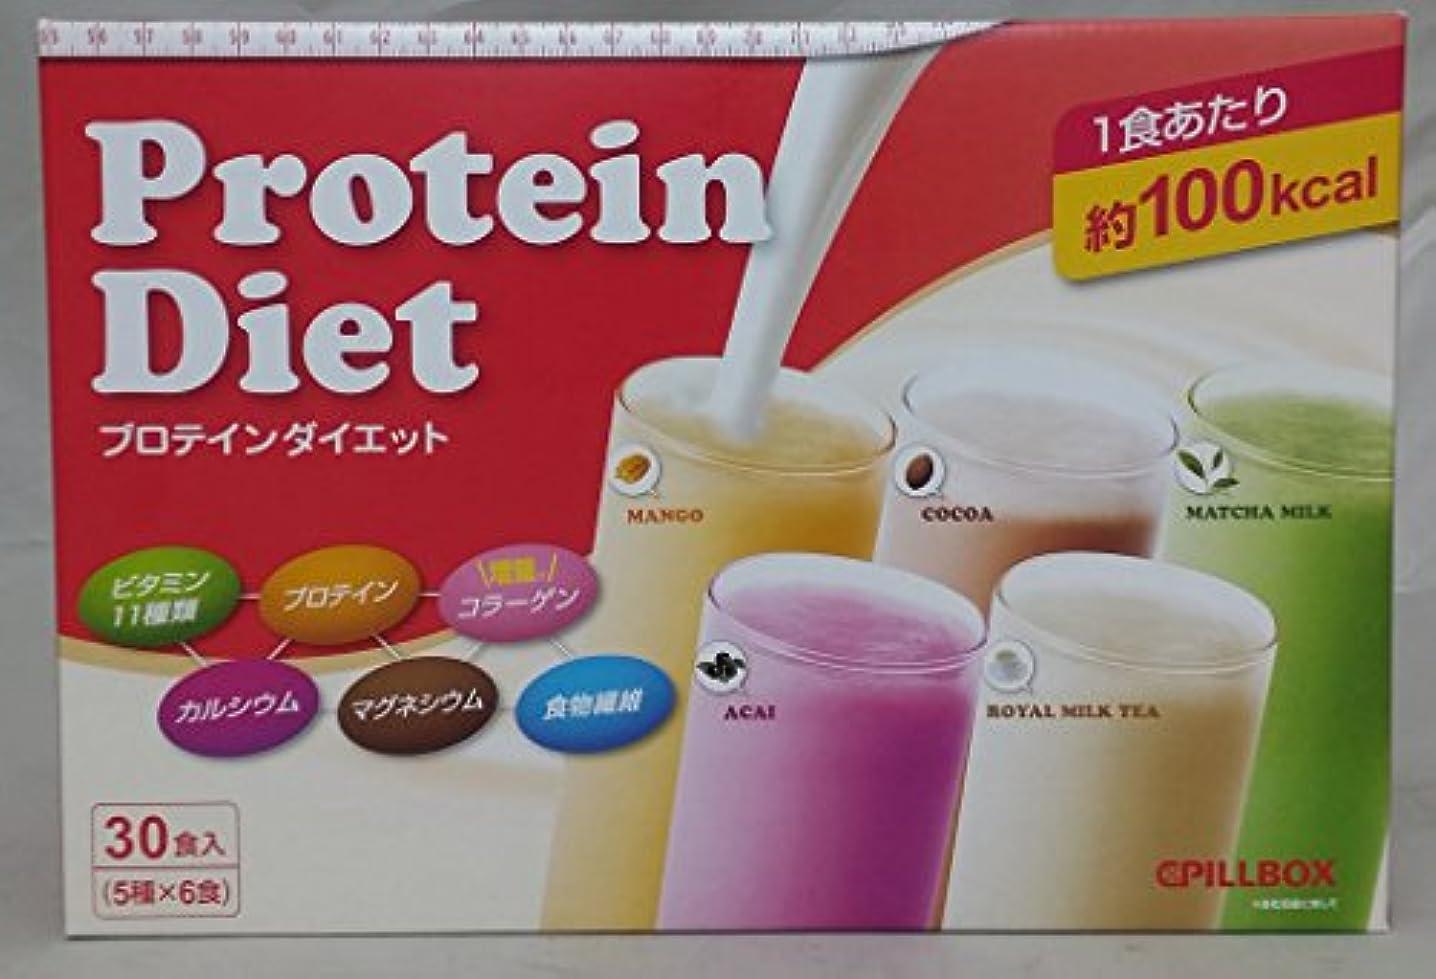 放棄するあたたかい無意味ピルボックス Protein Diet プロテイン ダイエット 31g×30食入り 5種類のフレーバー